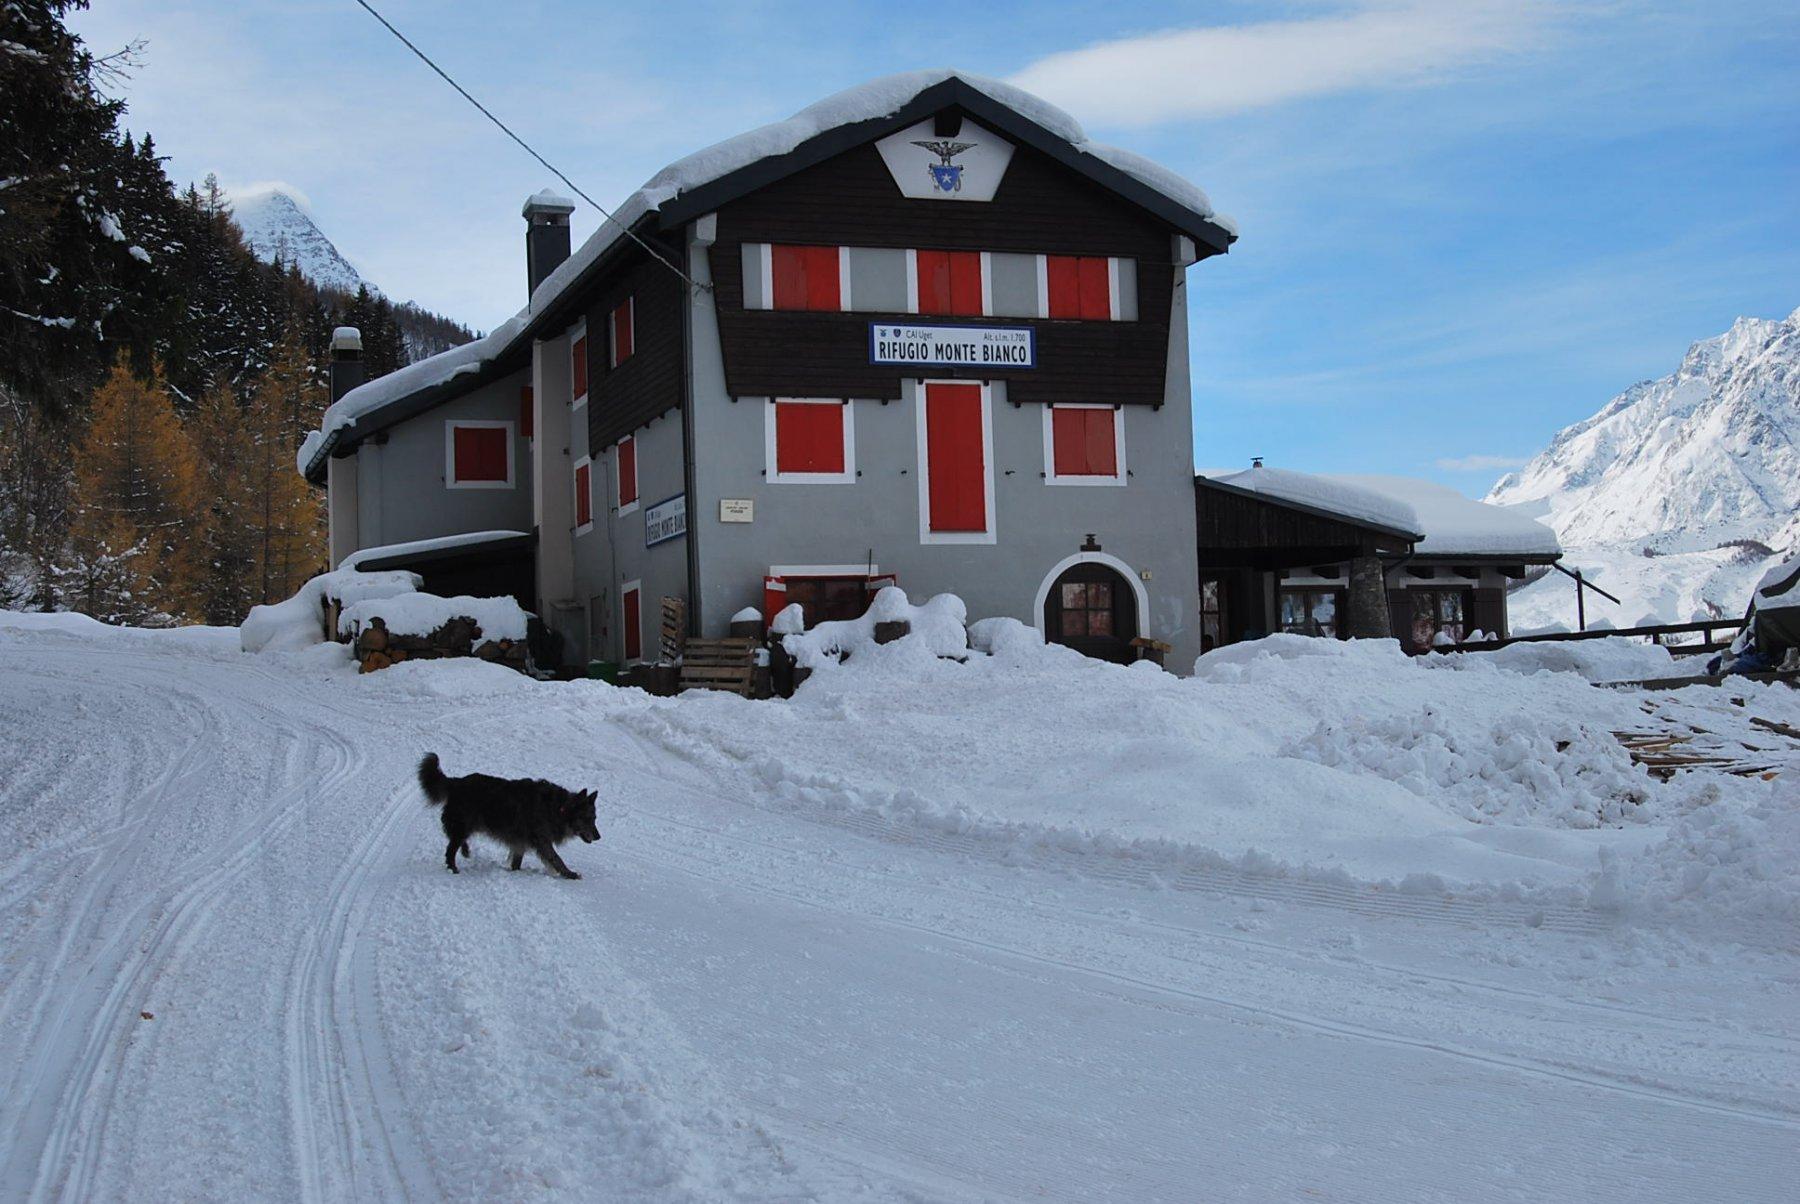 L'arrivo al Rifugio Monte Bianco, dove si trovano le indicazioni per il colle